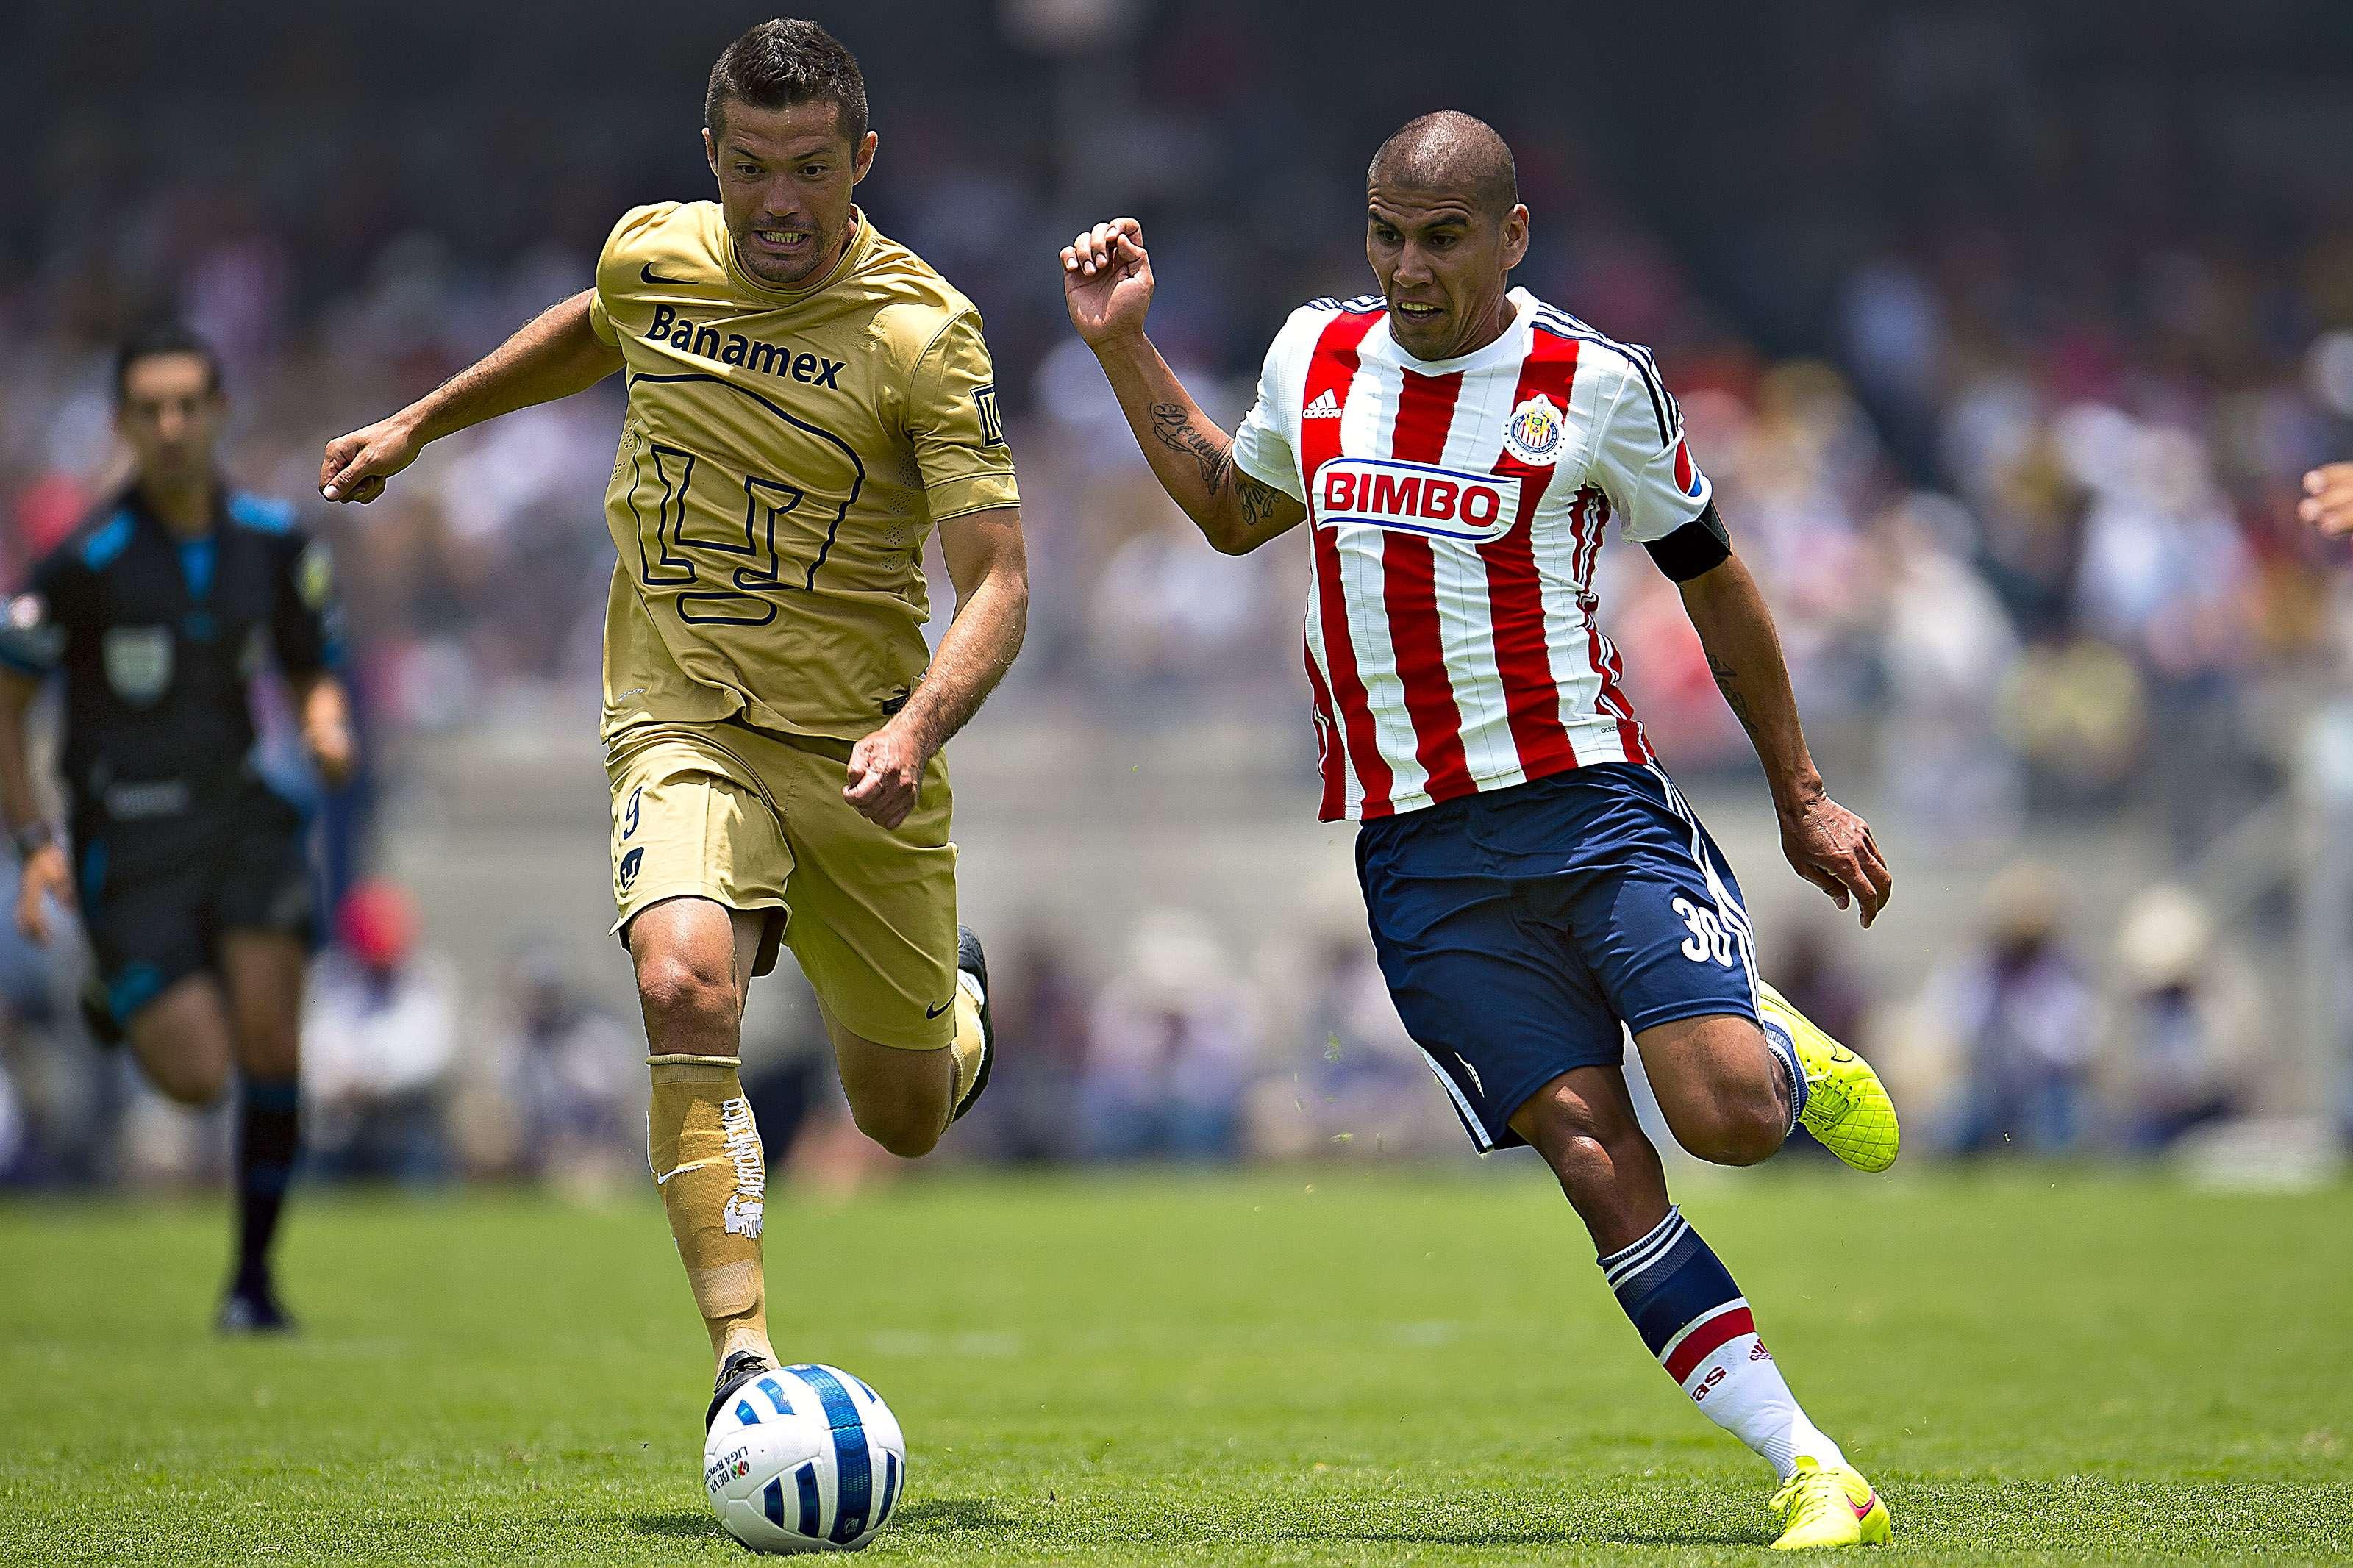 Pronosticos deportivos futbol apuestas juegos bono €-35278